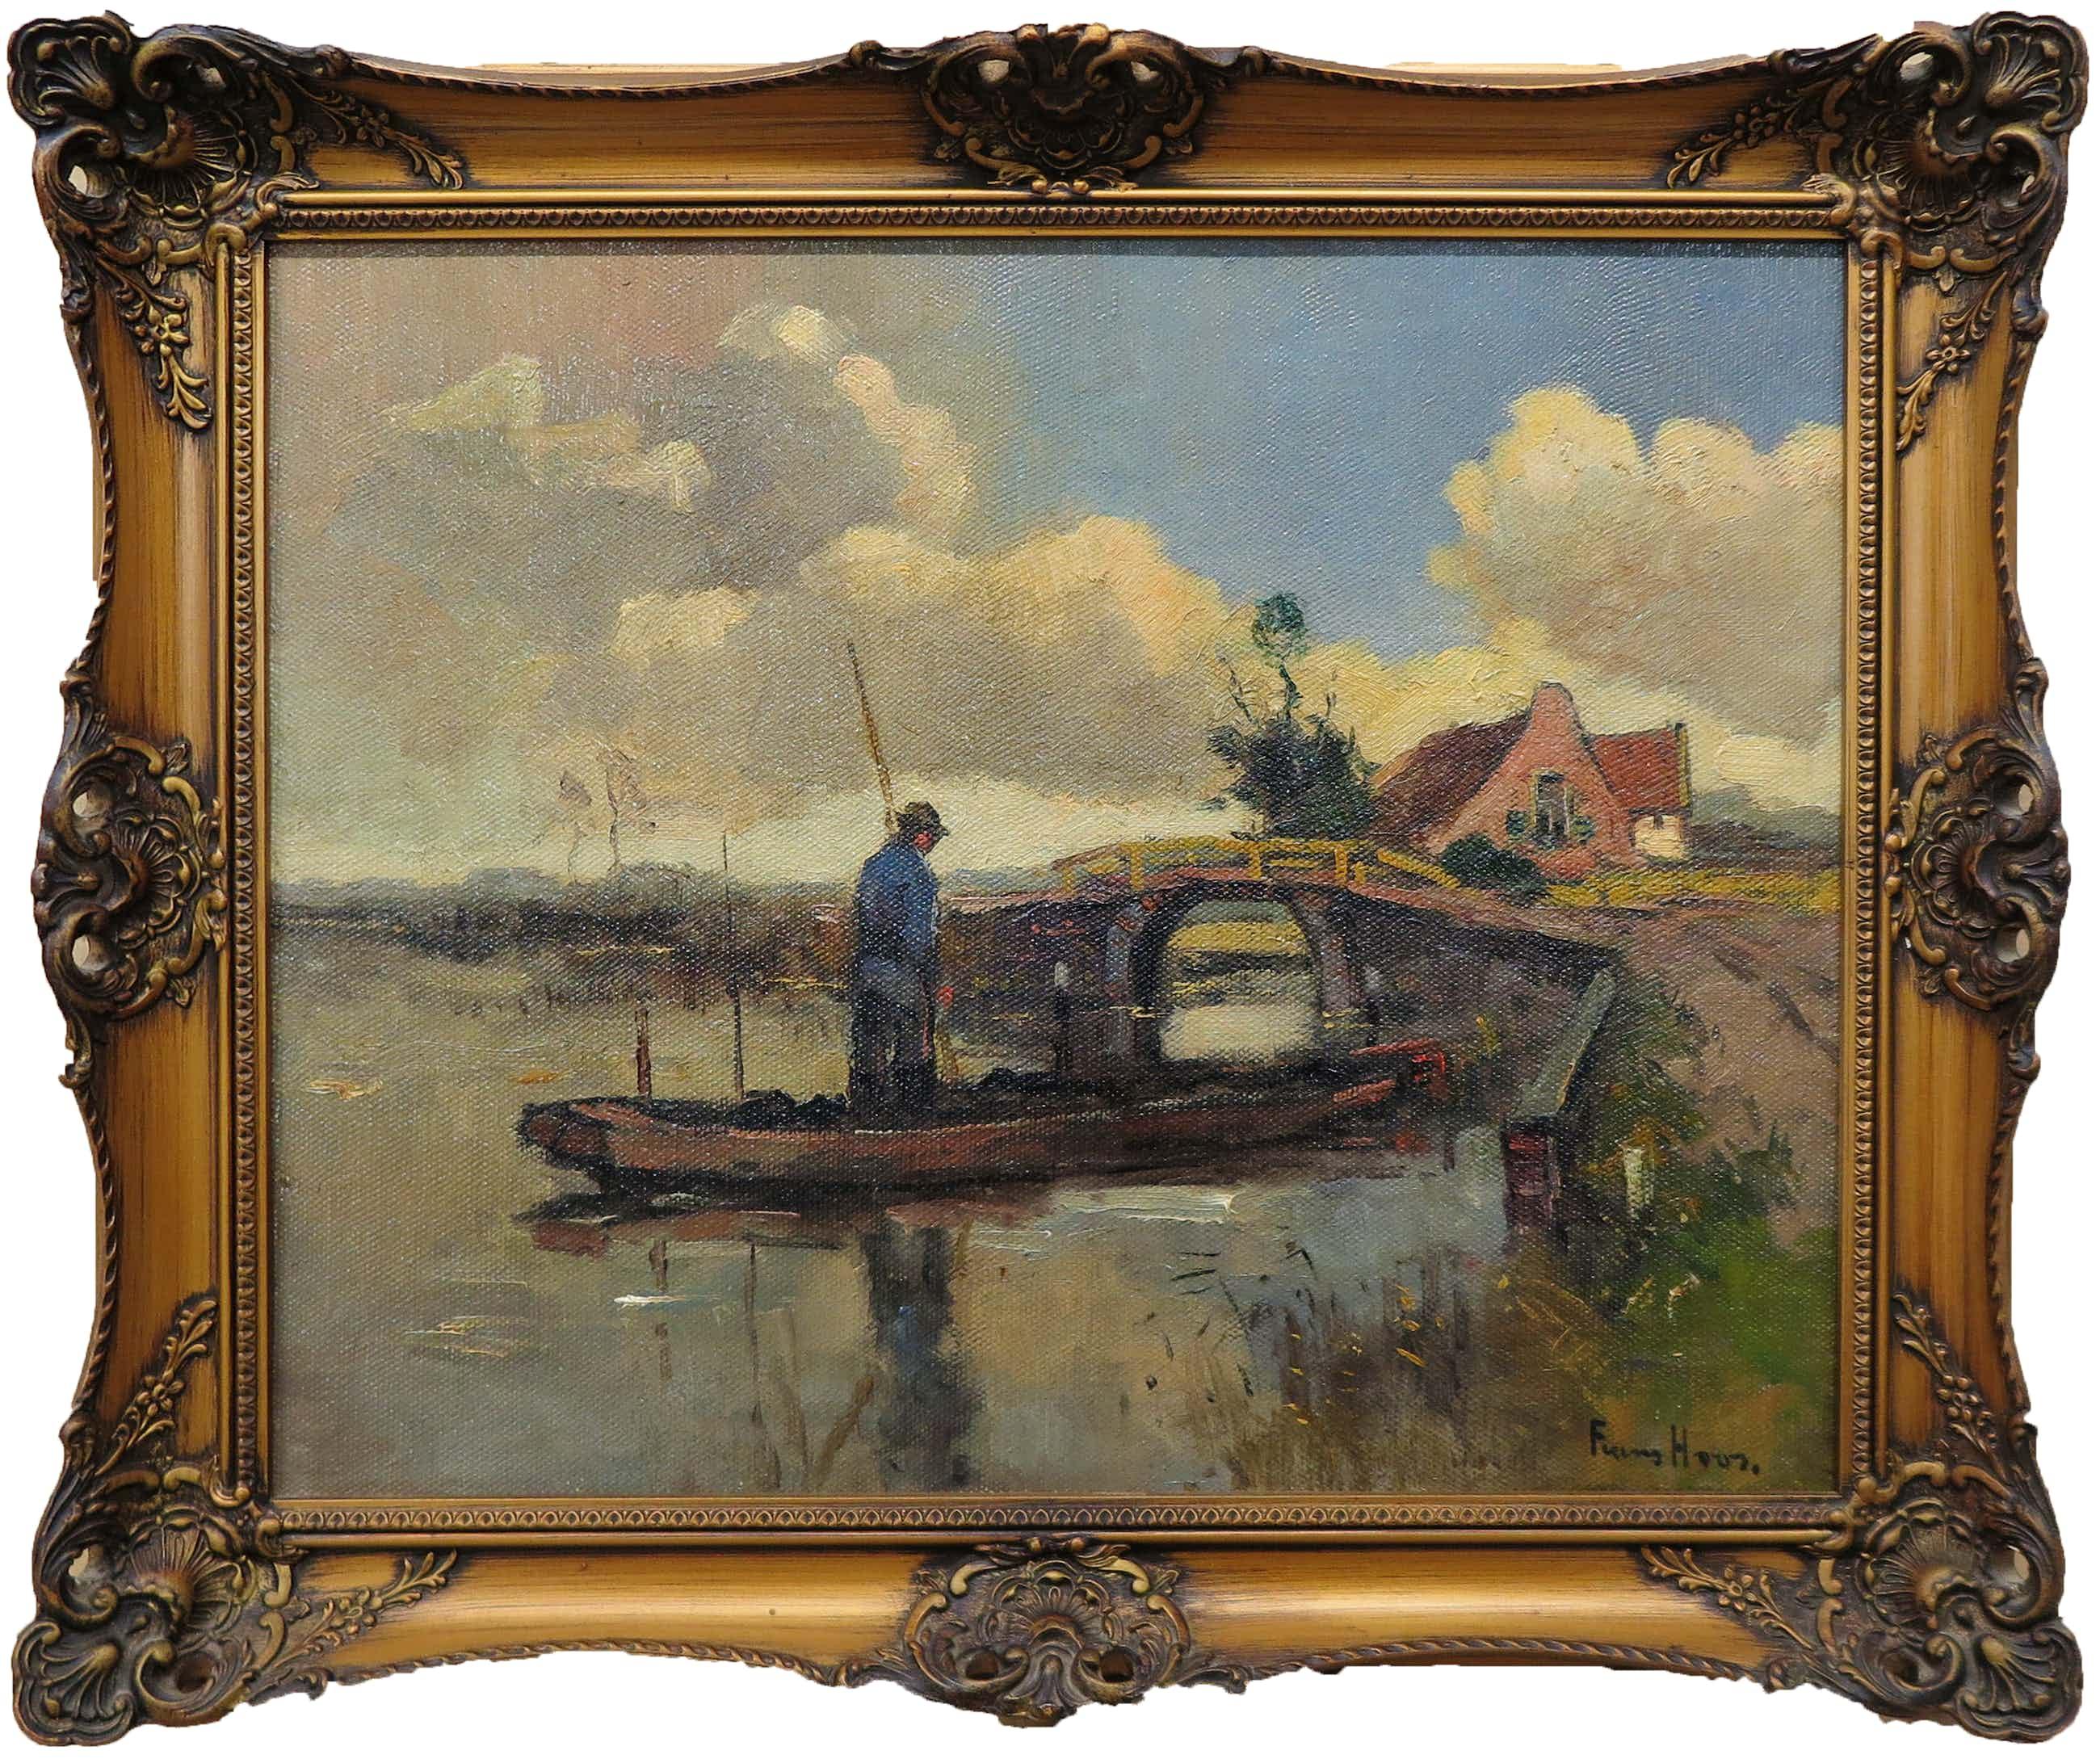 Frans Hoos - Olieverf op doek, Landschap met bootje - Ingelijst kopen? Bied vanaf 120!